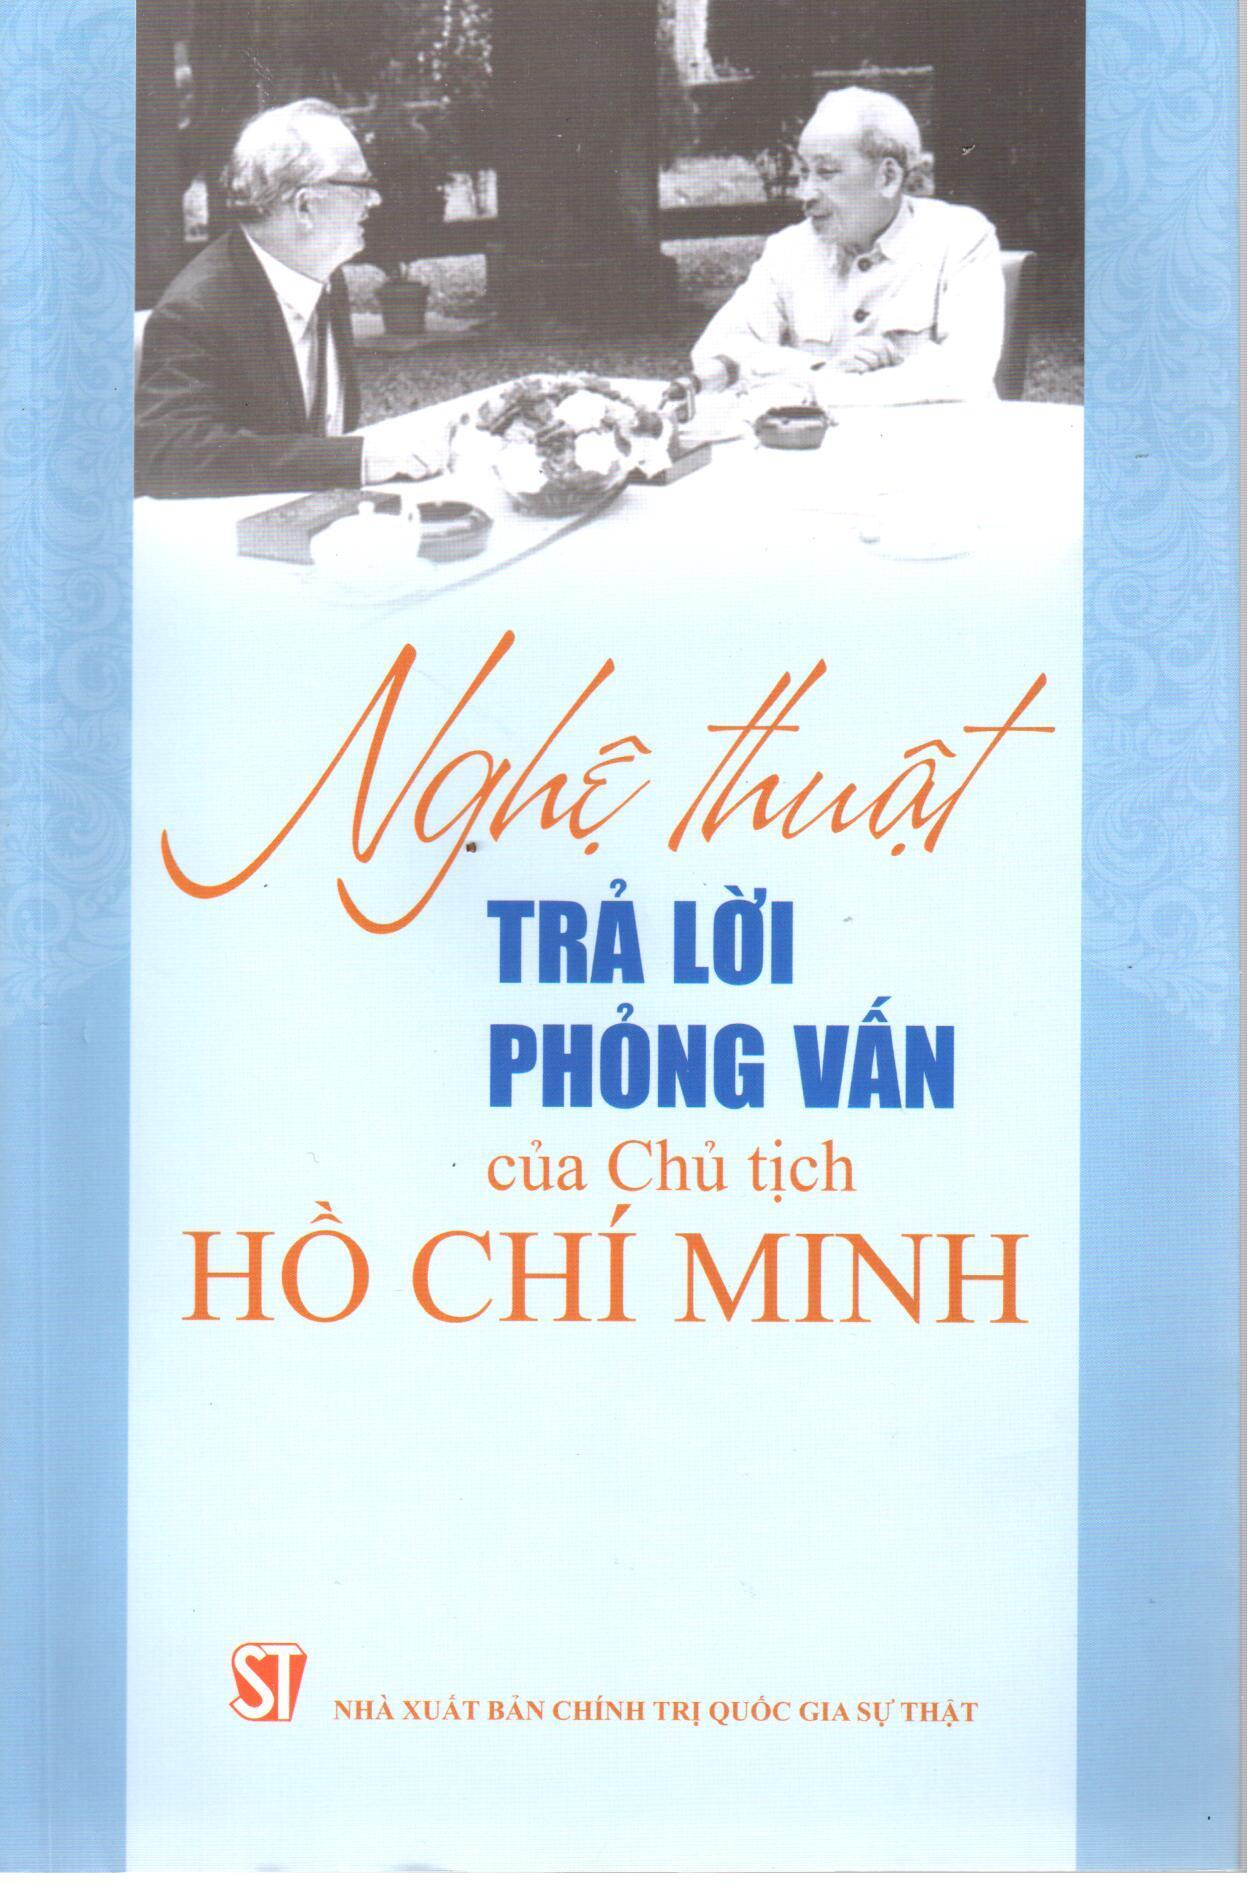 Nghệ thuật trả lời phỏng vấn của Chủ tịch Hồ Chí Minh